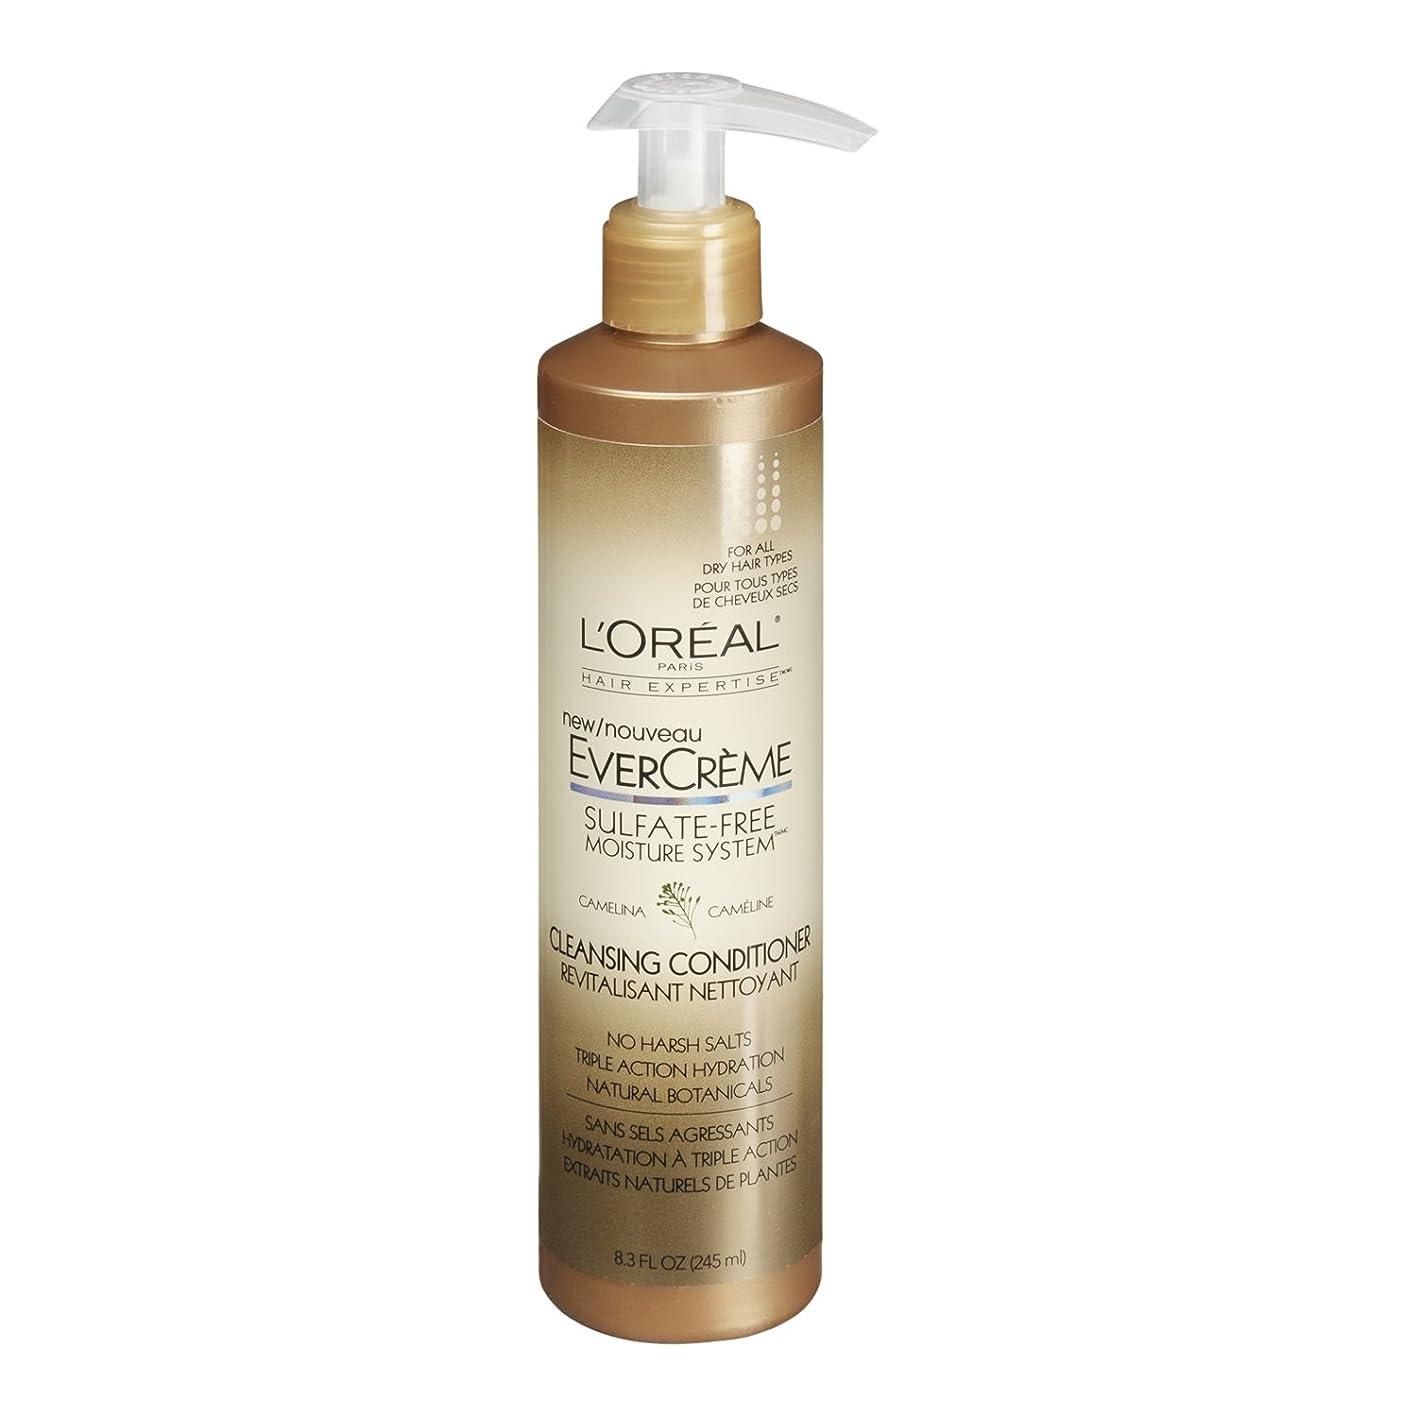 出発する無心なんとなくL'Oreal Paris EverCreme Sulfate-Free Moisture System Cleansing Conditioner, 8.3 fl. Oz. by L'Oreal Paris Hair Care [並行輸入品]